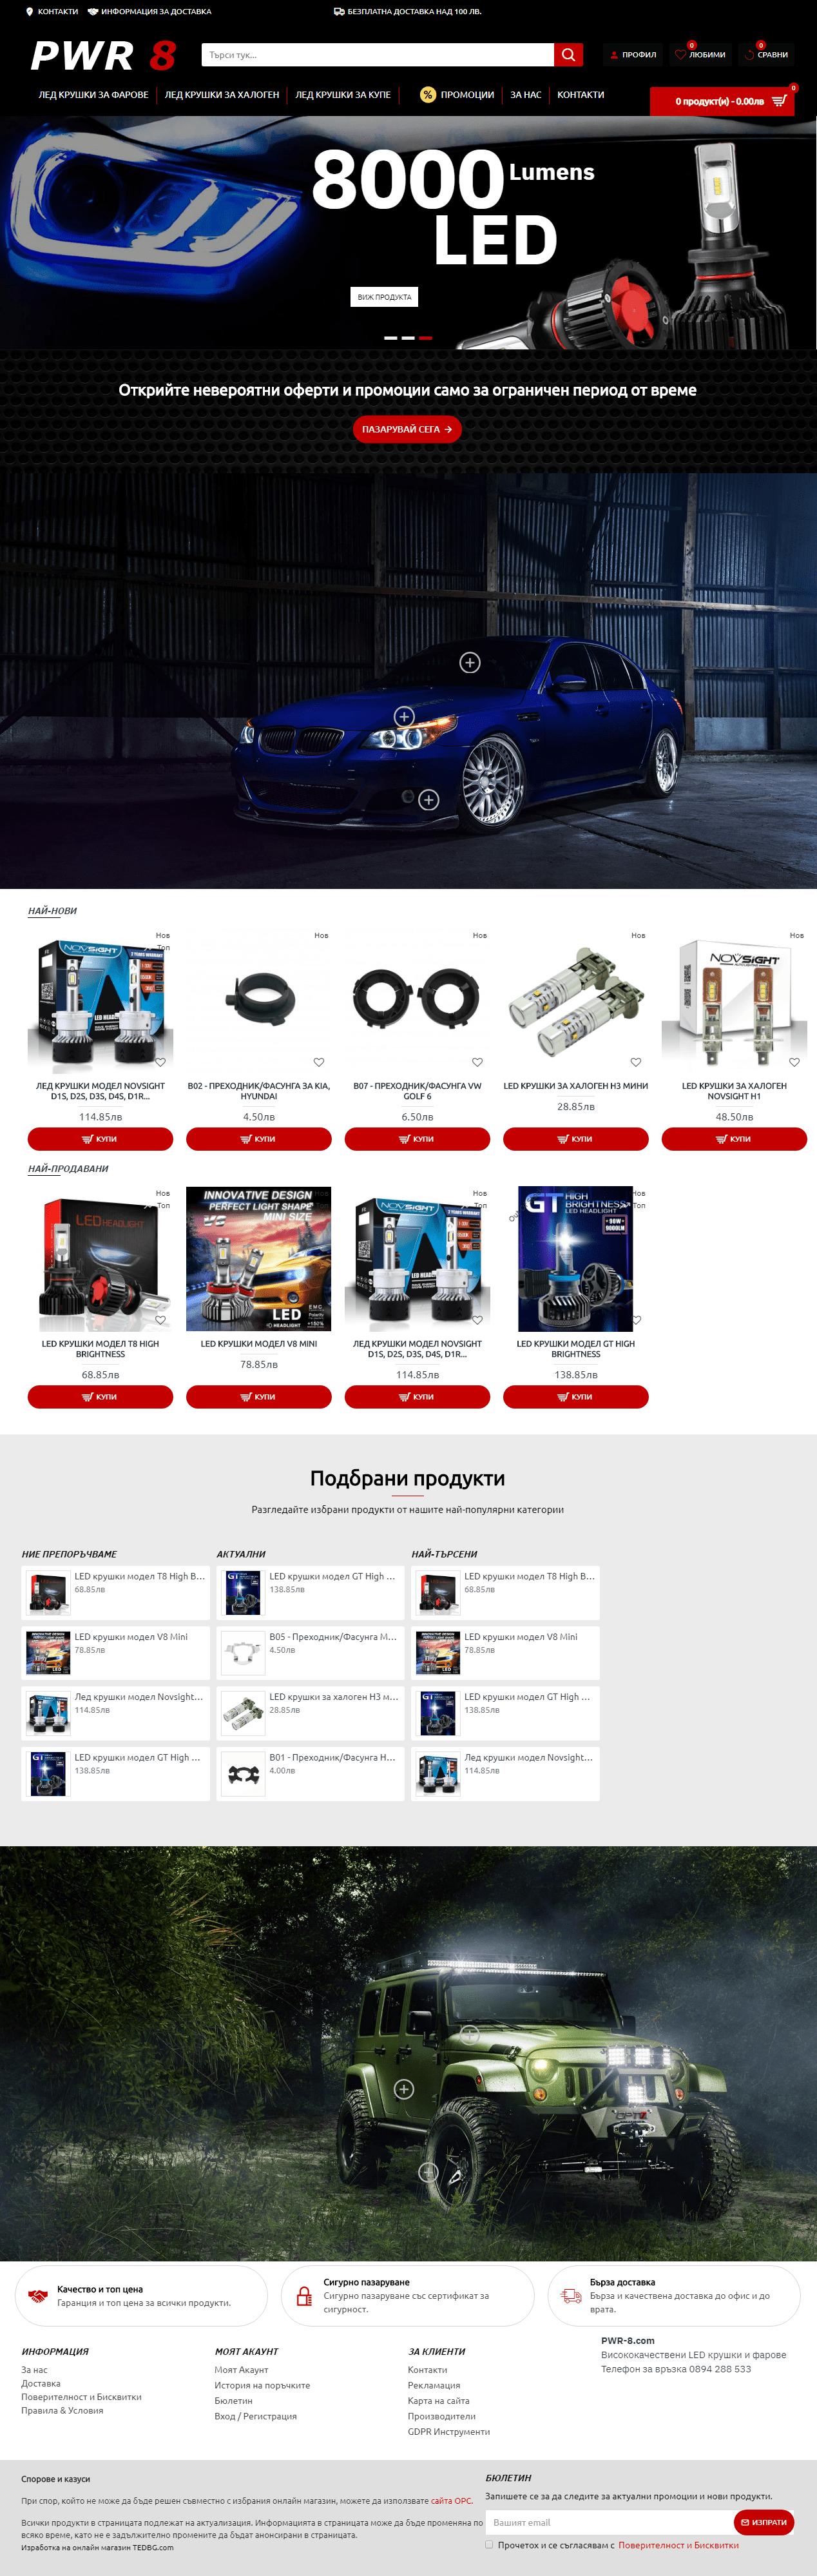 PWR-8.com - Онлайн магазин за LED светлини на фарове за коли и други консумативи